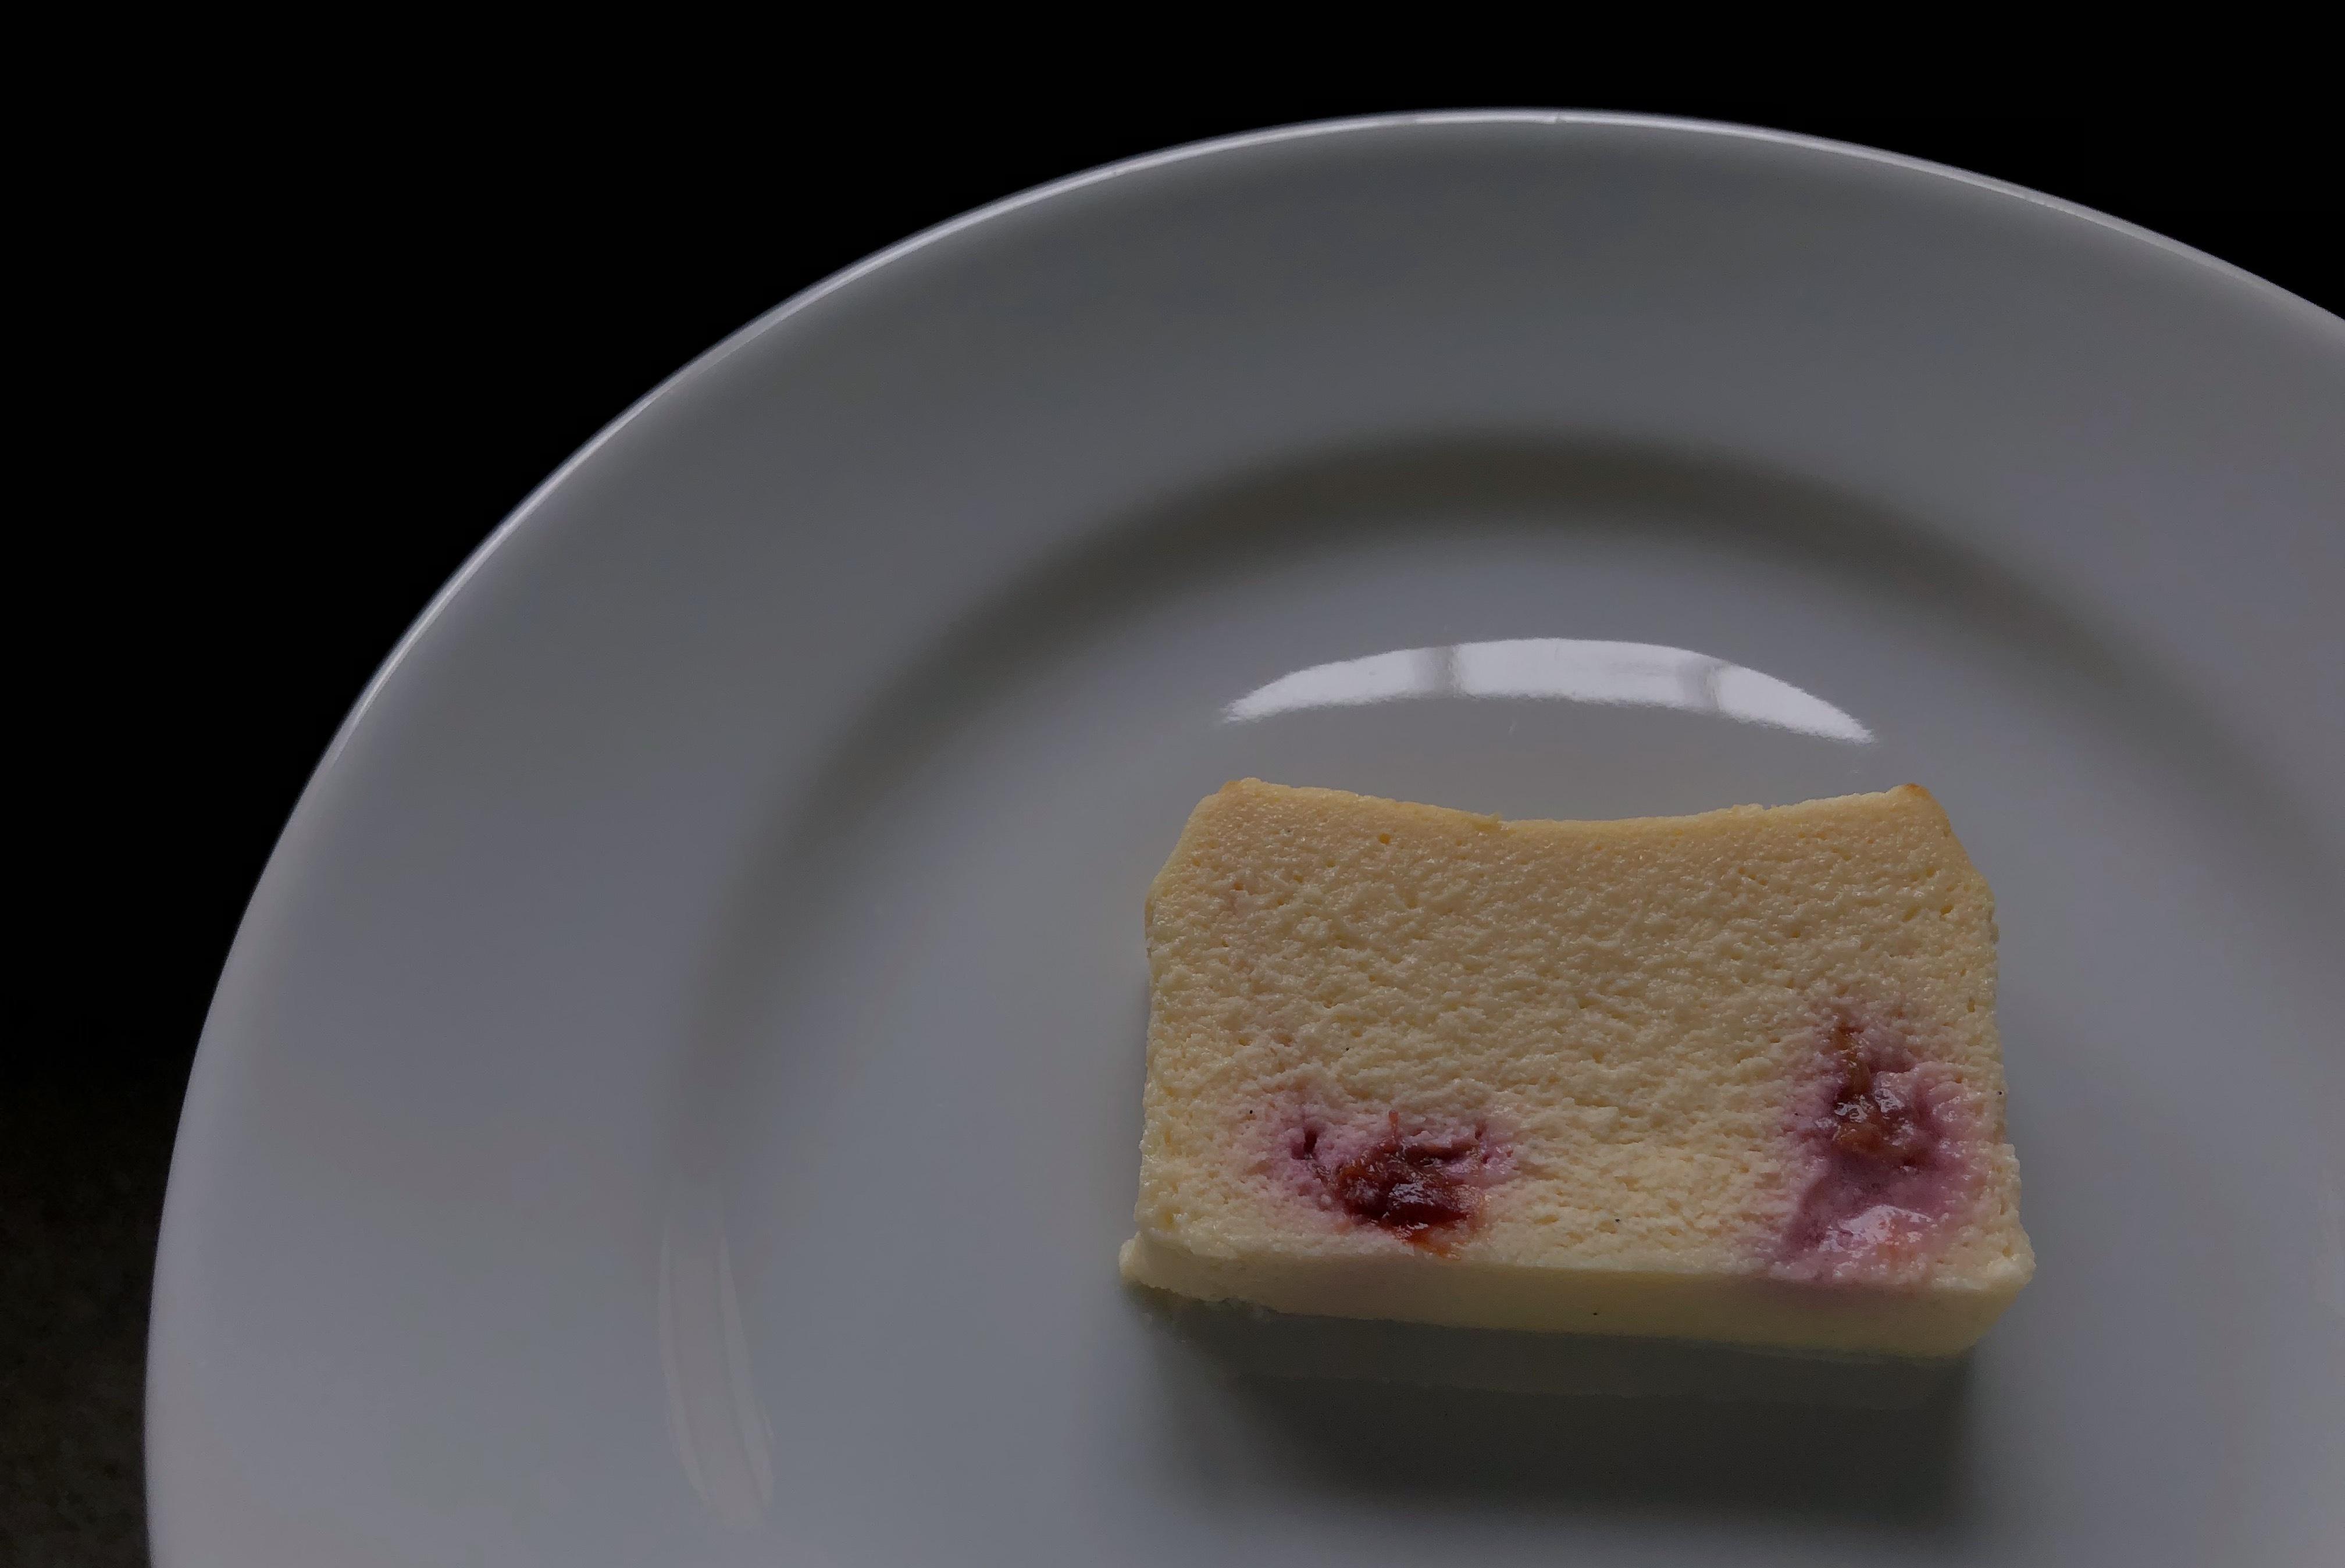 季節のチーズケーキと珈琲(すもも/エチオピア)